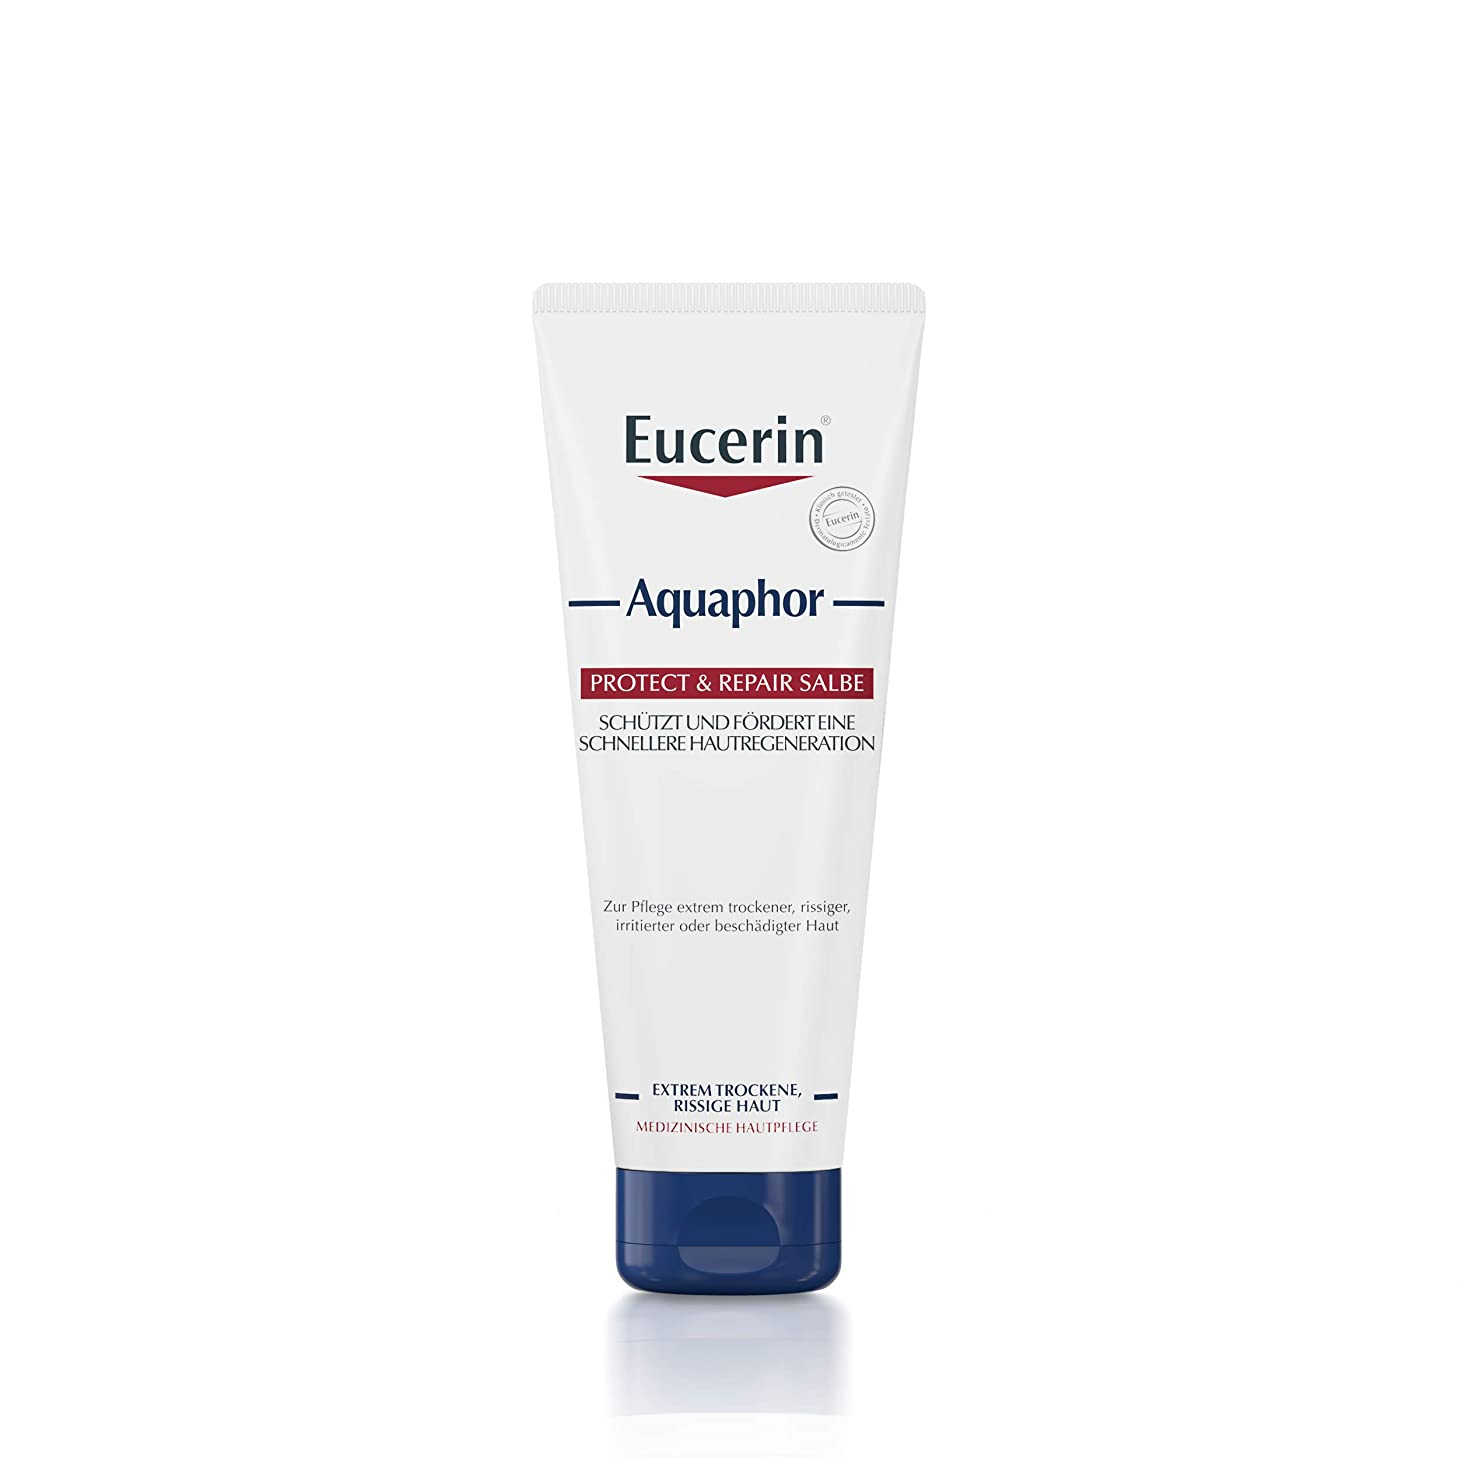 あなたが良くなります豪華な異邦人Eucerin Aquaphor Soothing Skin Balm 220ml - EucerinのAquaphor心地よいスキンクリーム220ミリリットル (Eucerin) [並行輸入品]